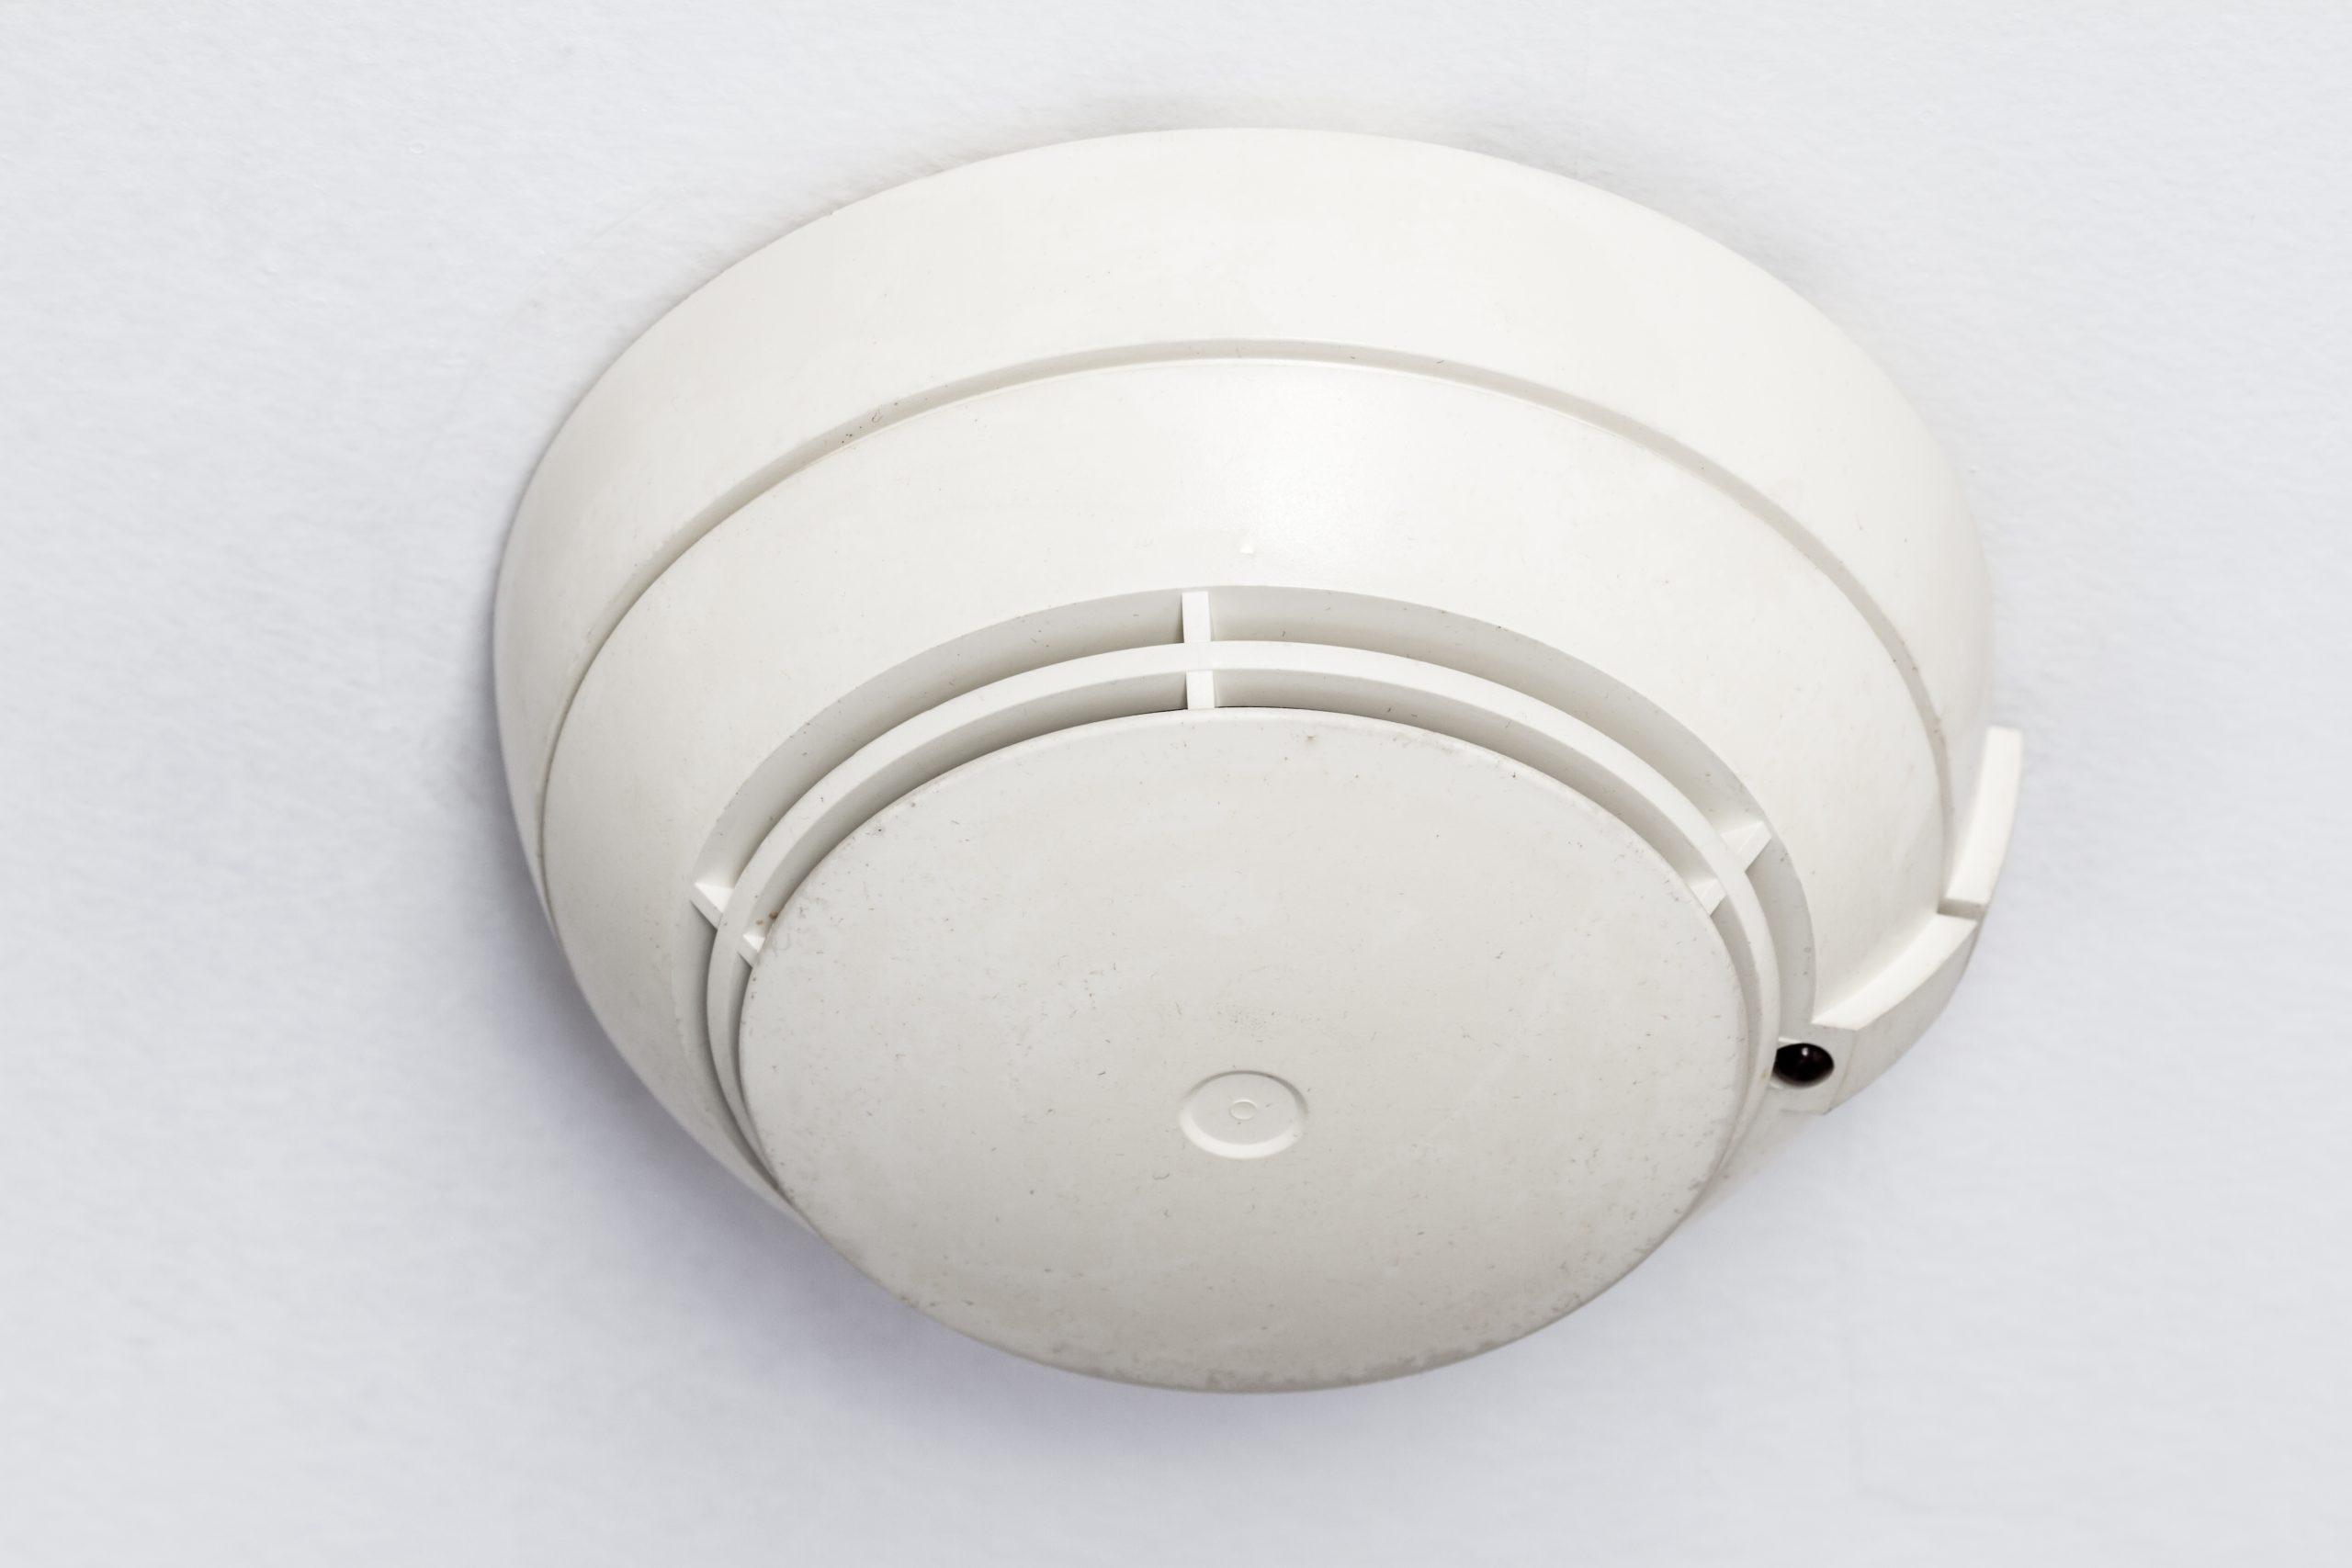 Pourquoi avoir un détecteur de fumée extérieur chez soi ?